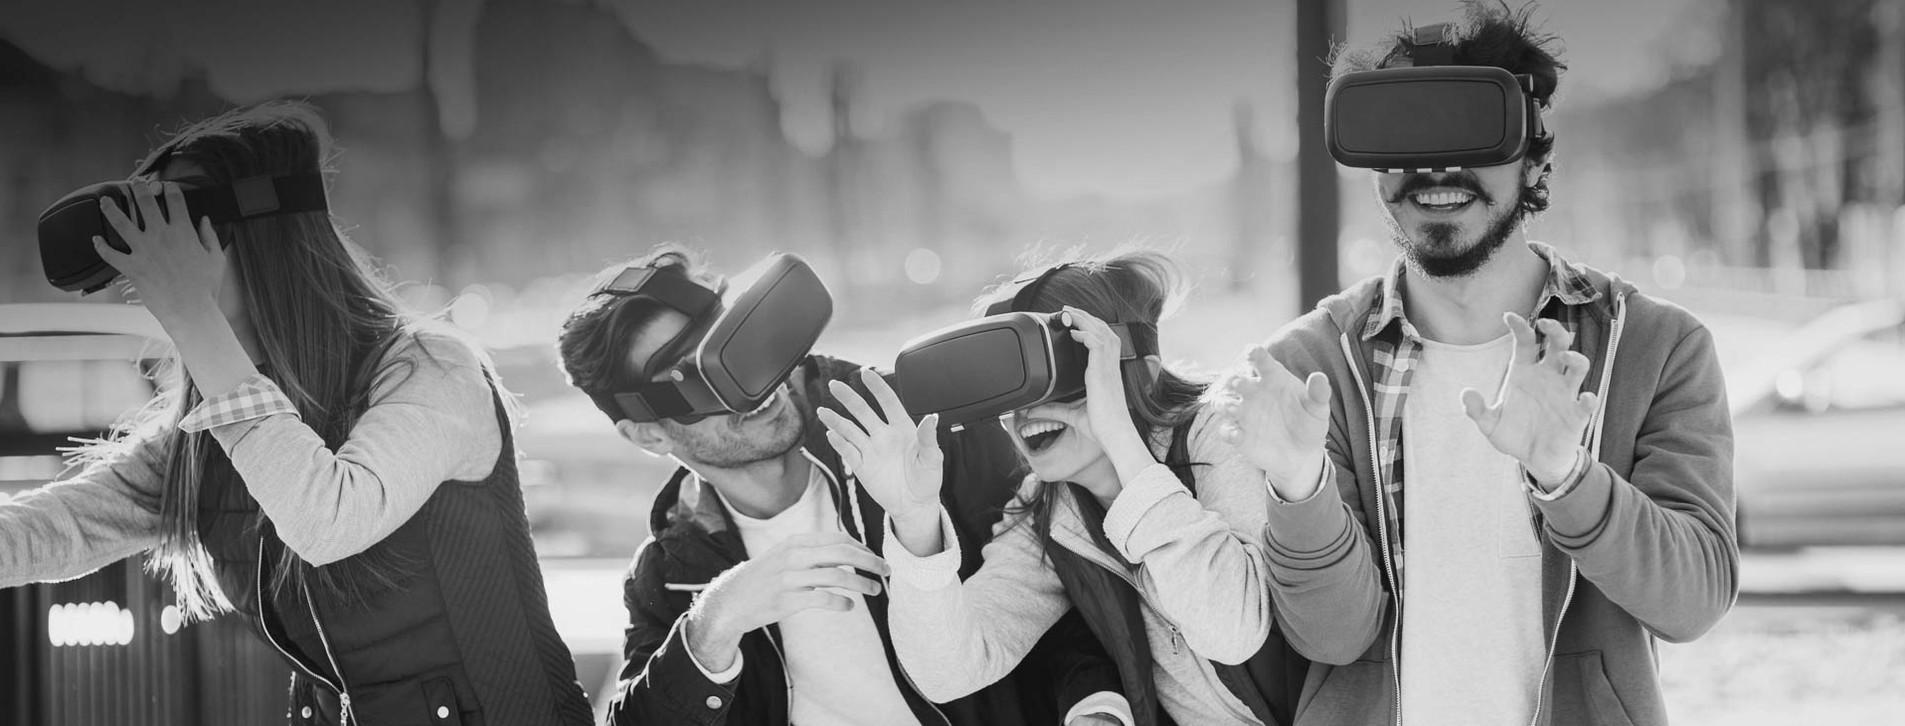 Фото - Квест виртуальной реальности